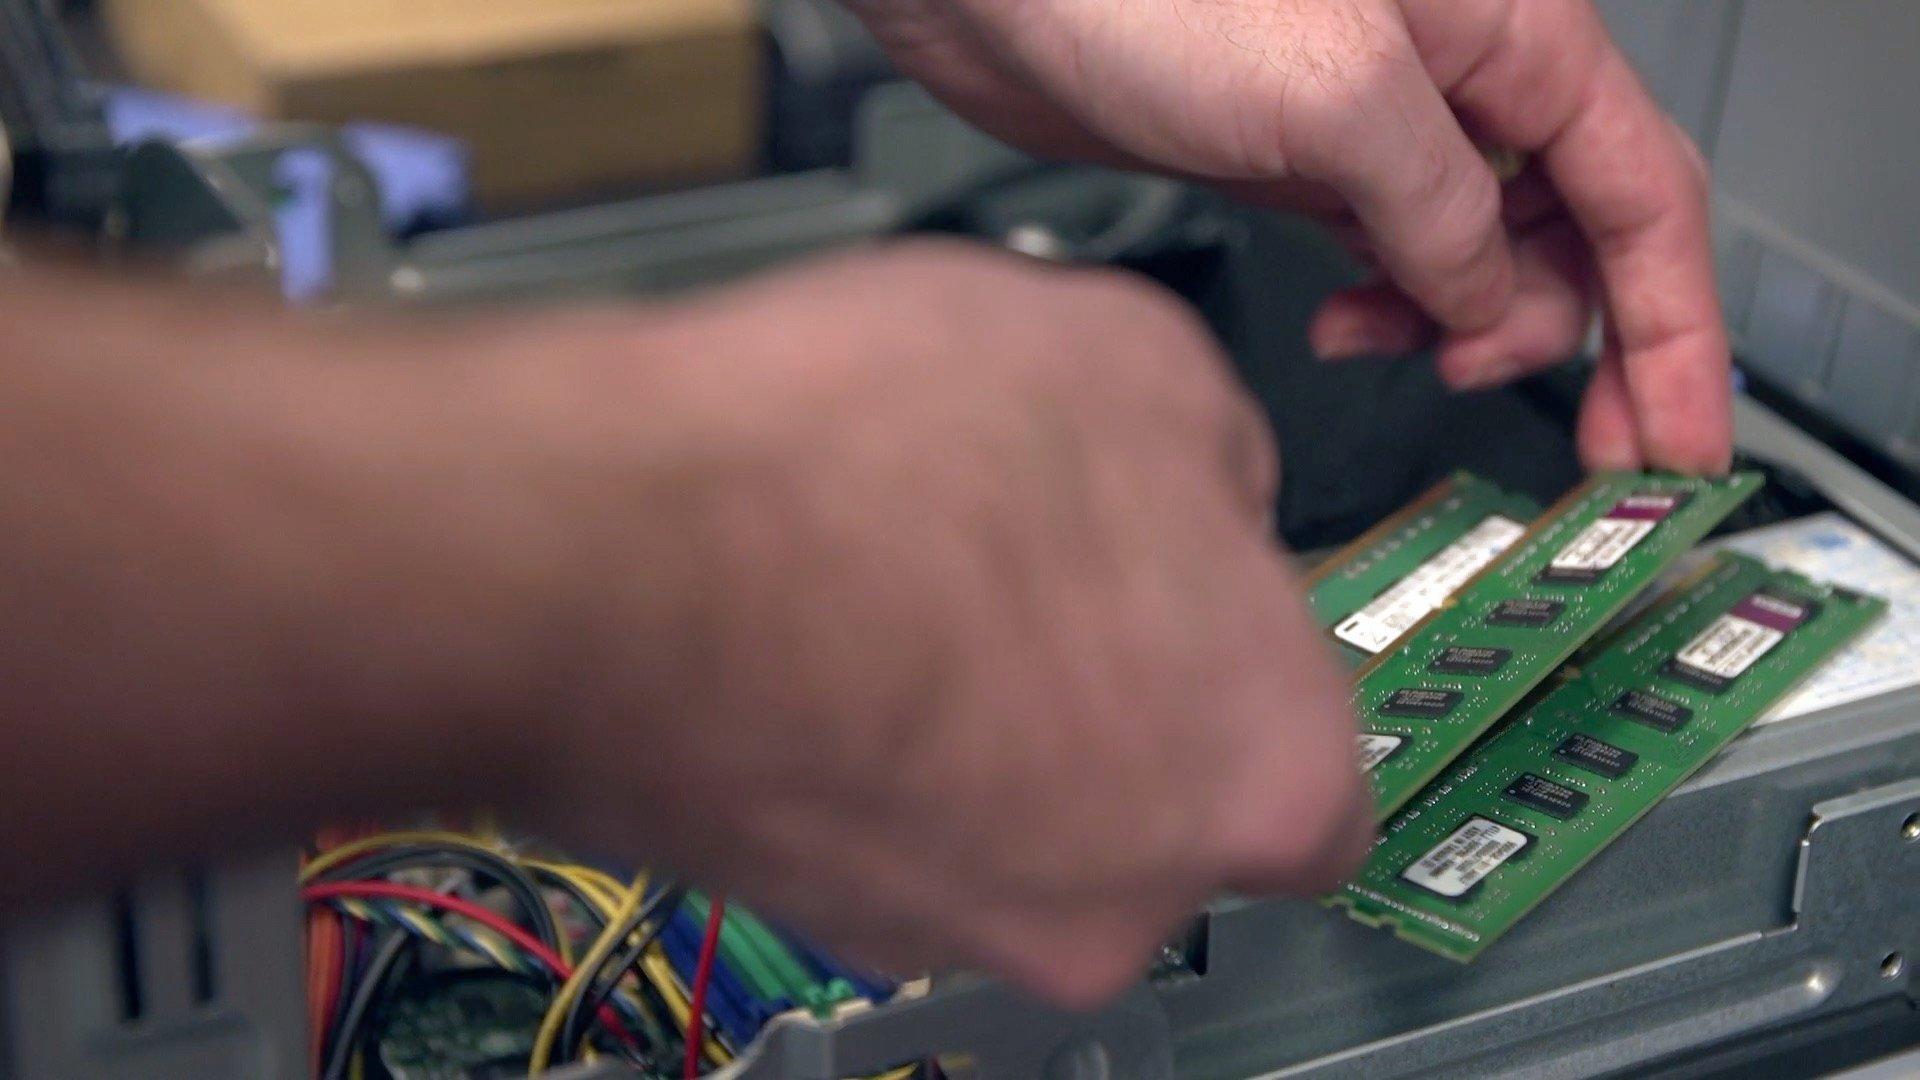 CRU - Stacking RAM